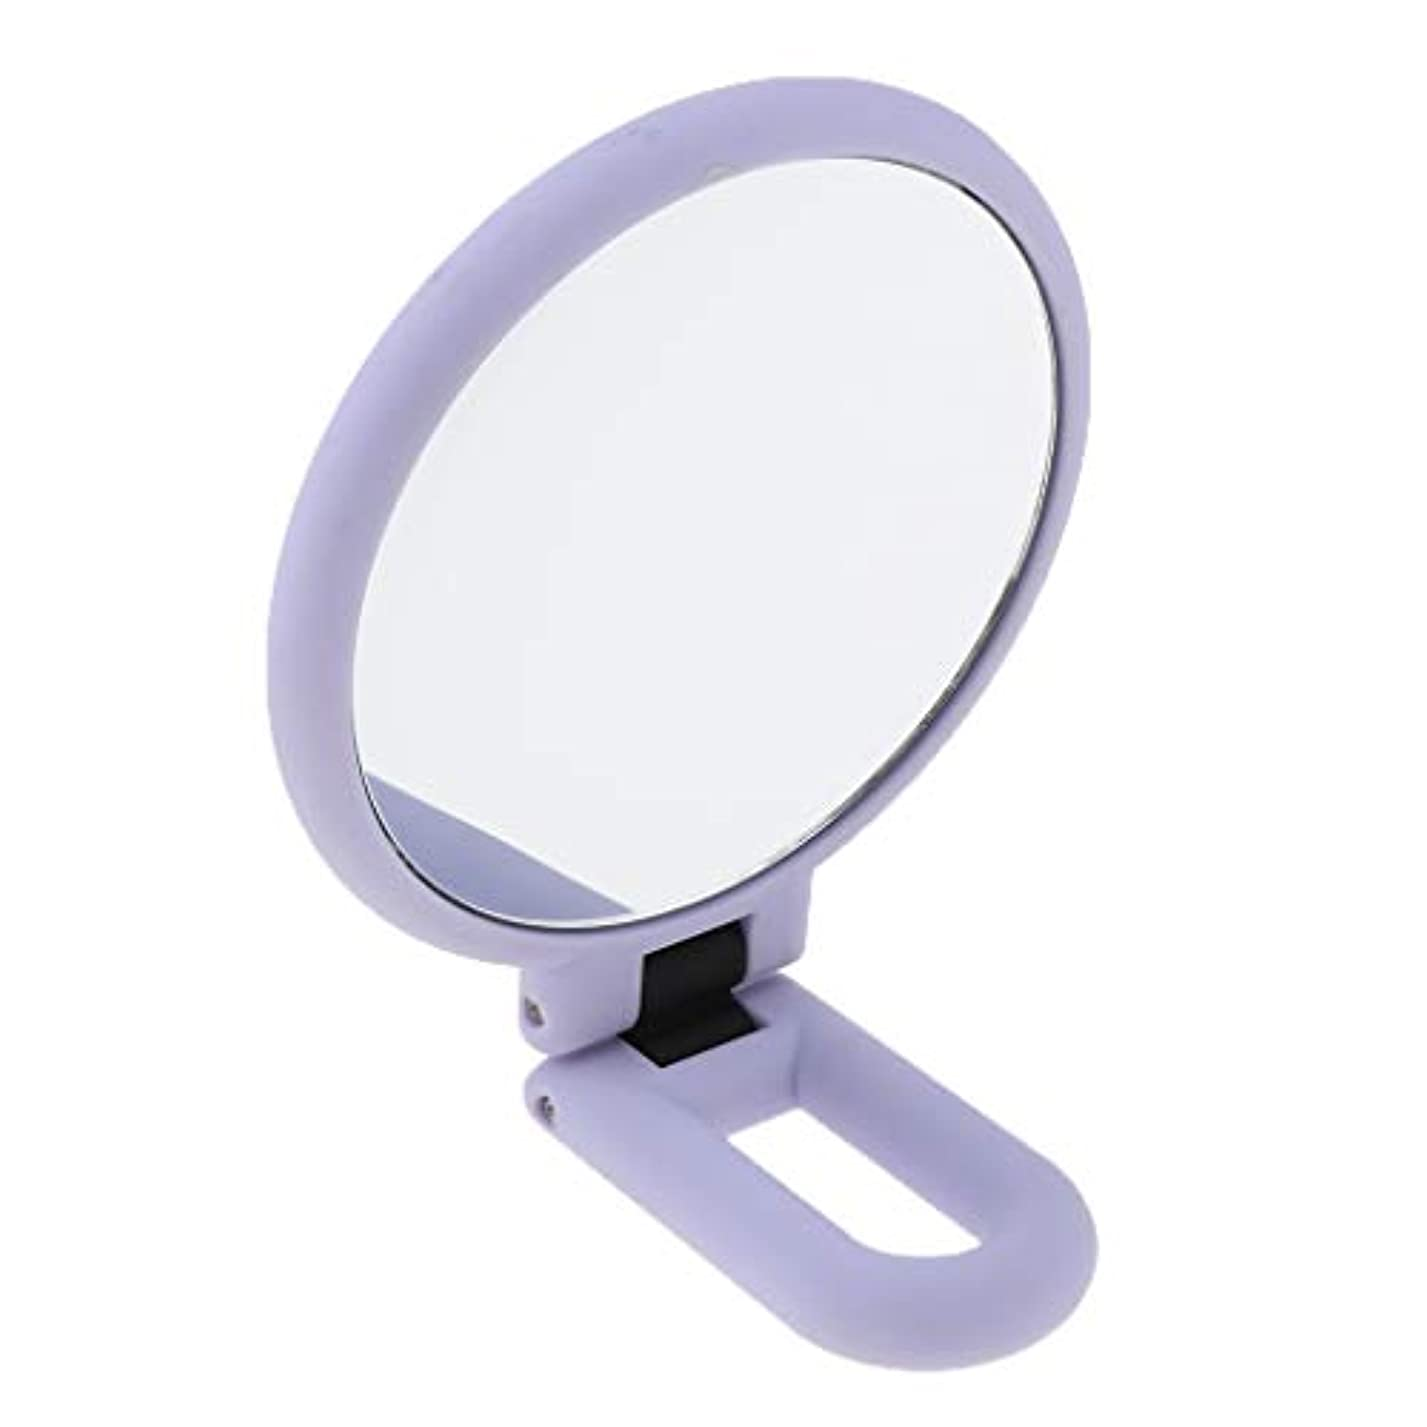 ゲインセイ晩餐難民折りたたみ拡大鏡両面化粧卓上旅行ハンドヘルド折りたたみミラー - 15倍の拡大鏡